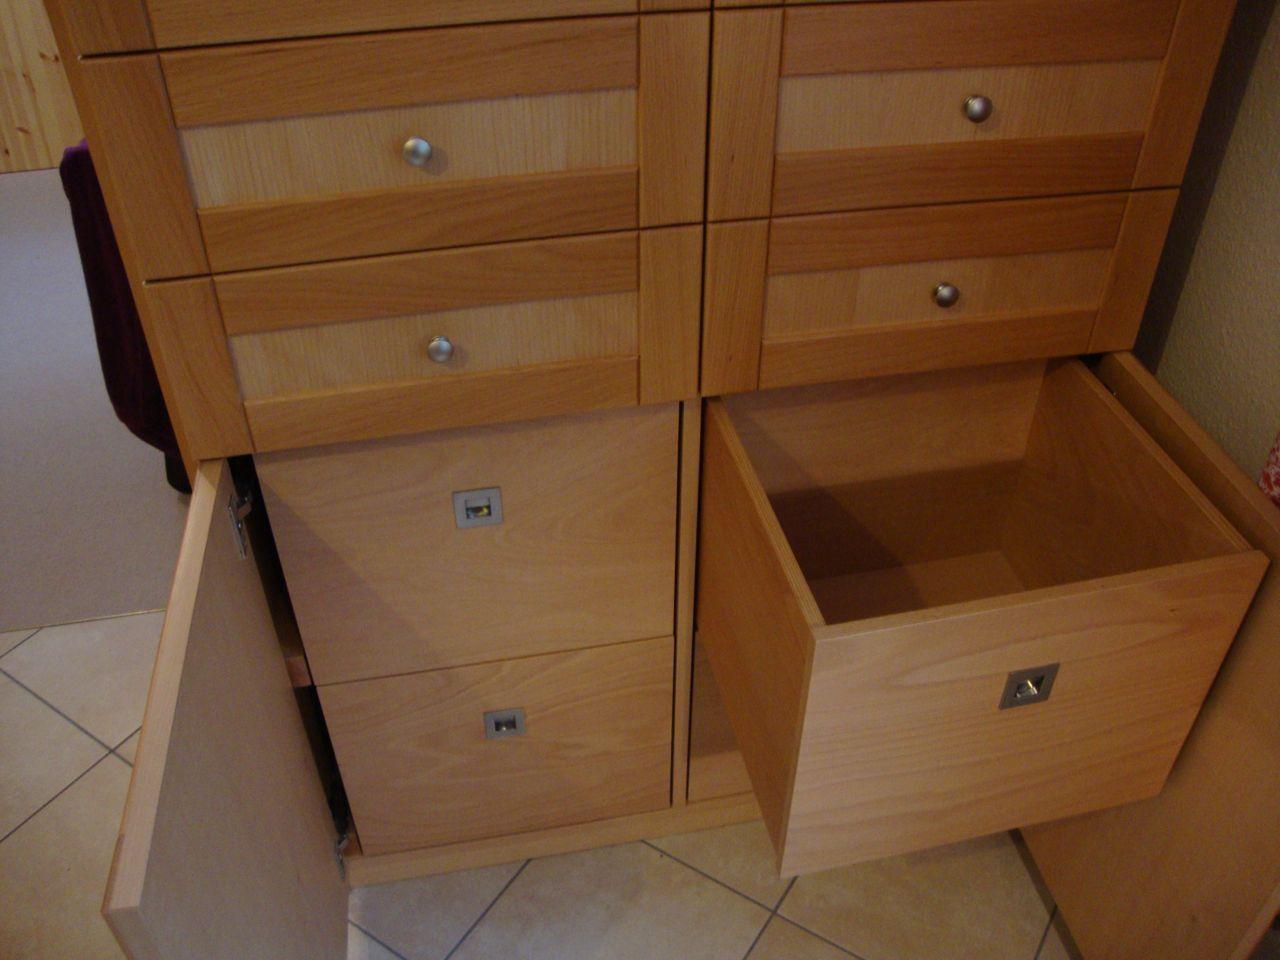 massiver buchenholzschrank f r die k che mit t ren und schubladen tischlerei hamburg. Black Bedroom Furniture Sets. Home Design Ideas